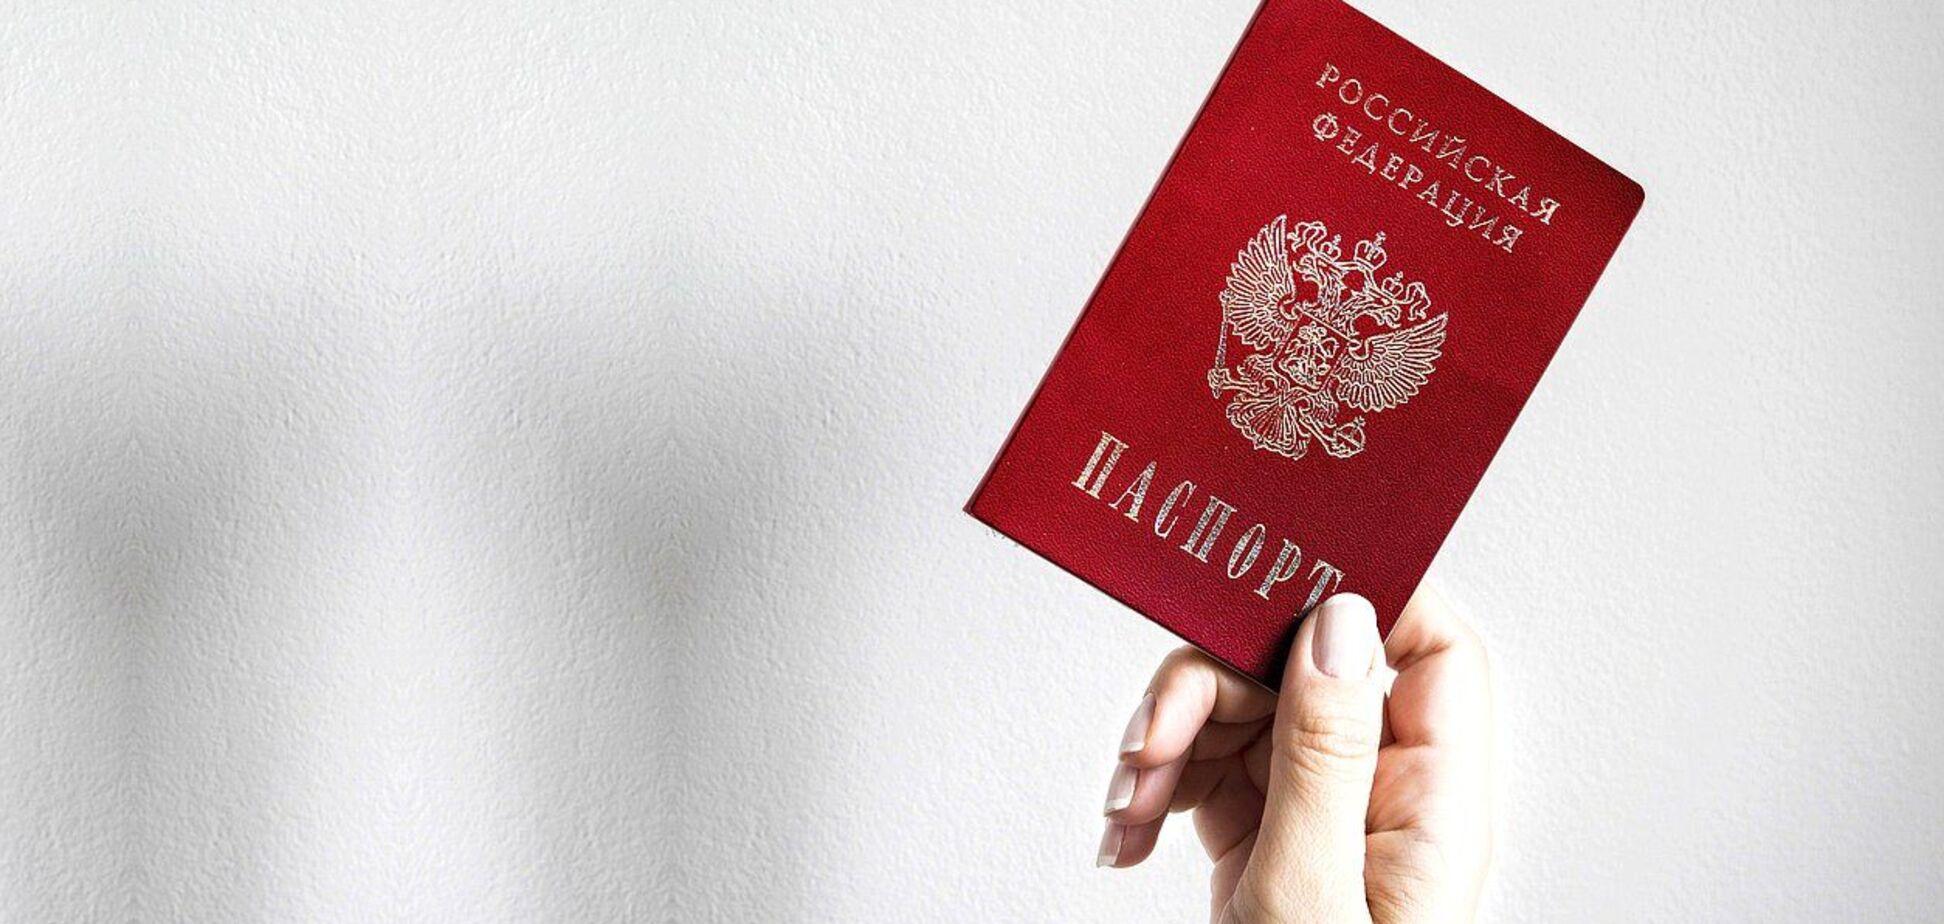 Без бумажки ты… 'гражданин ДНР'